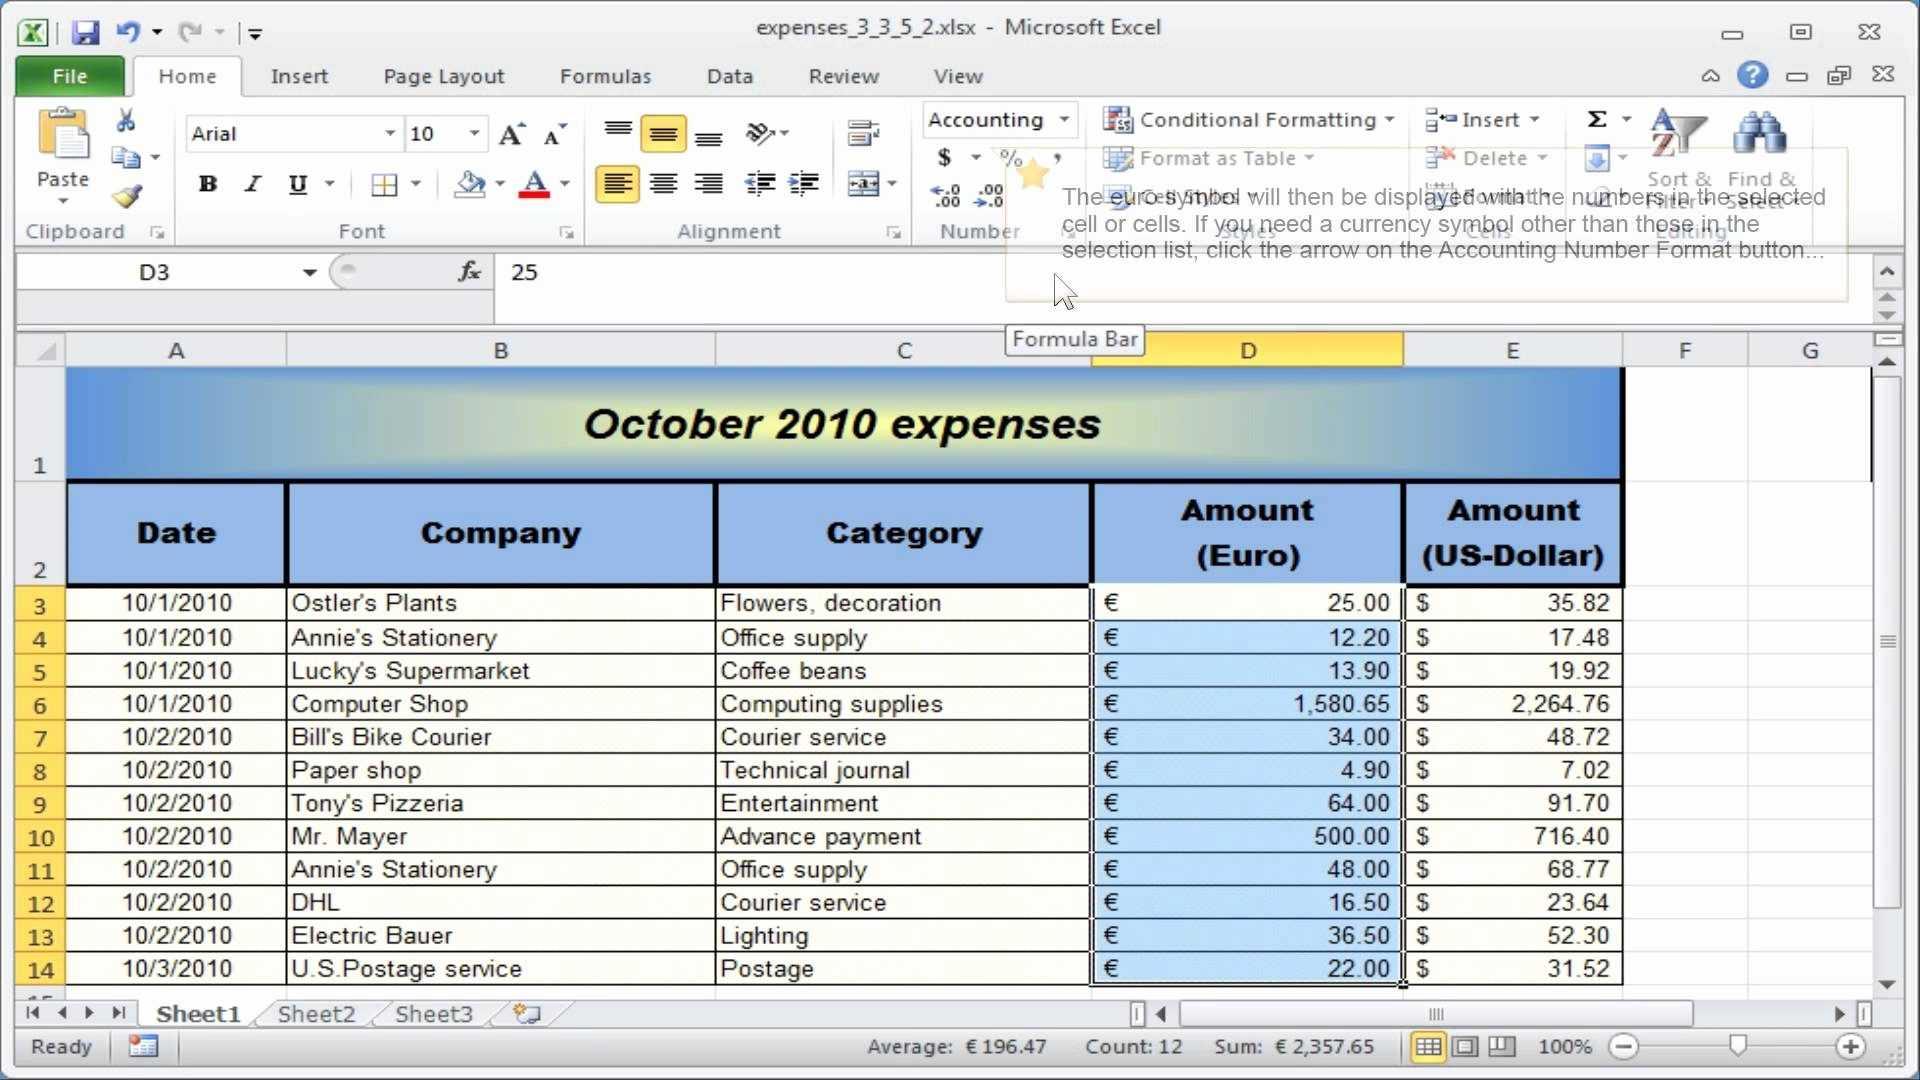 15 New Retirement Calculator Excel Spreadsheet - Twables.site with Retirement Calculator Spreadsheet